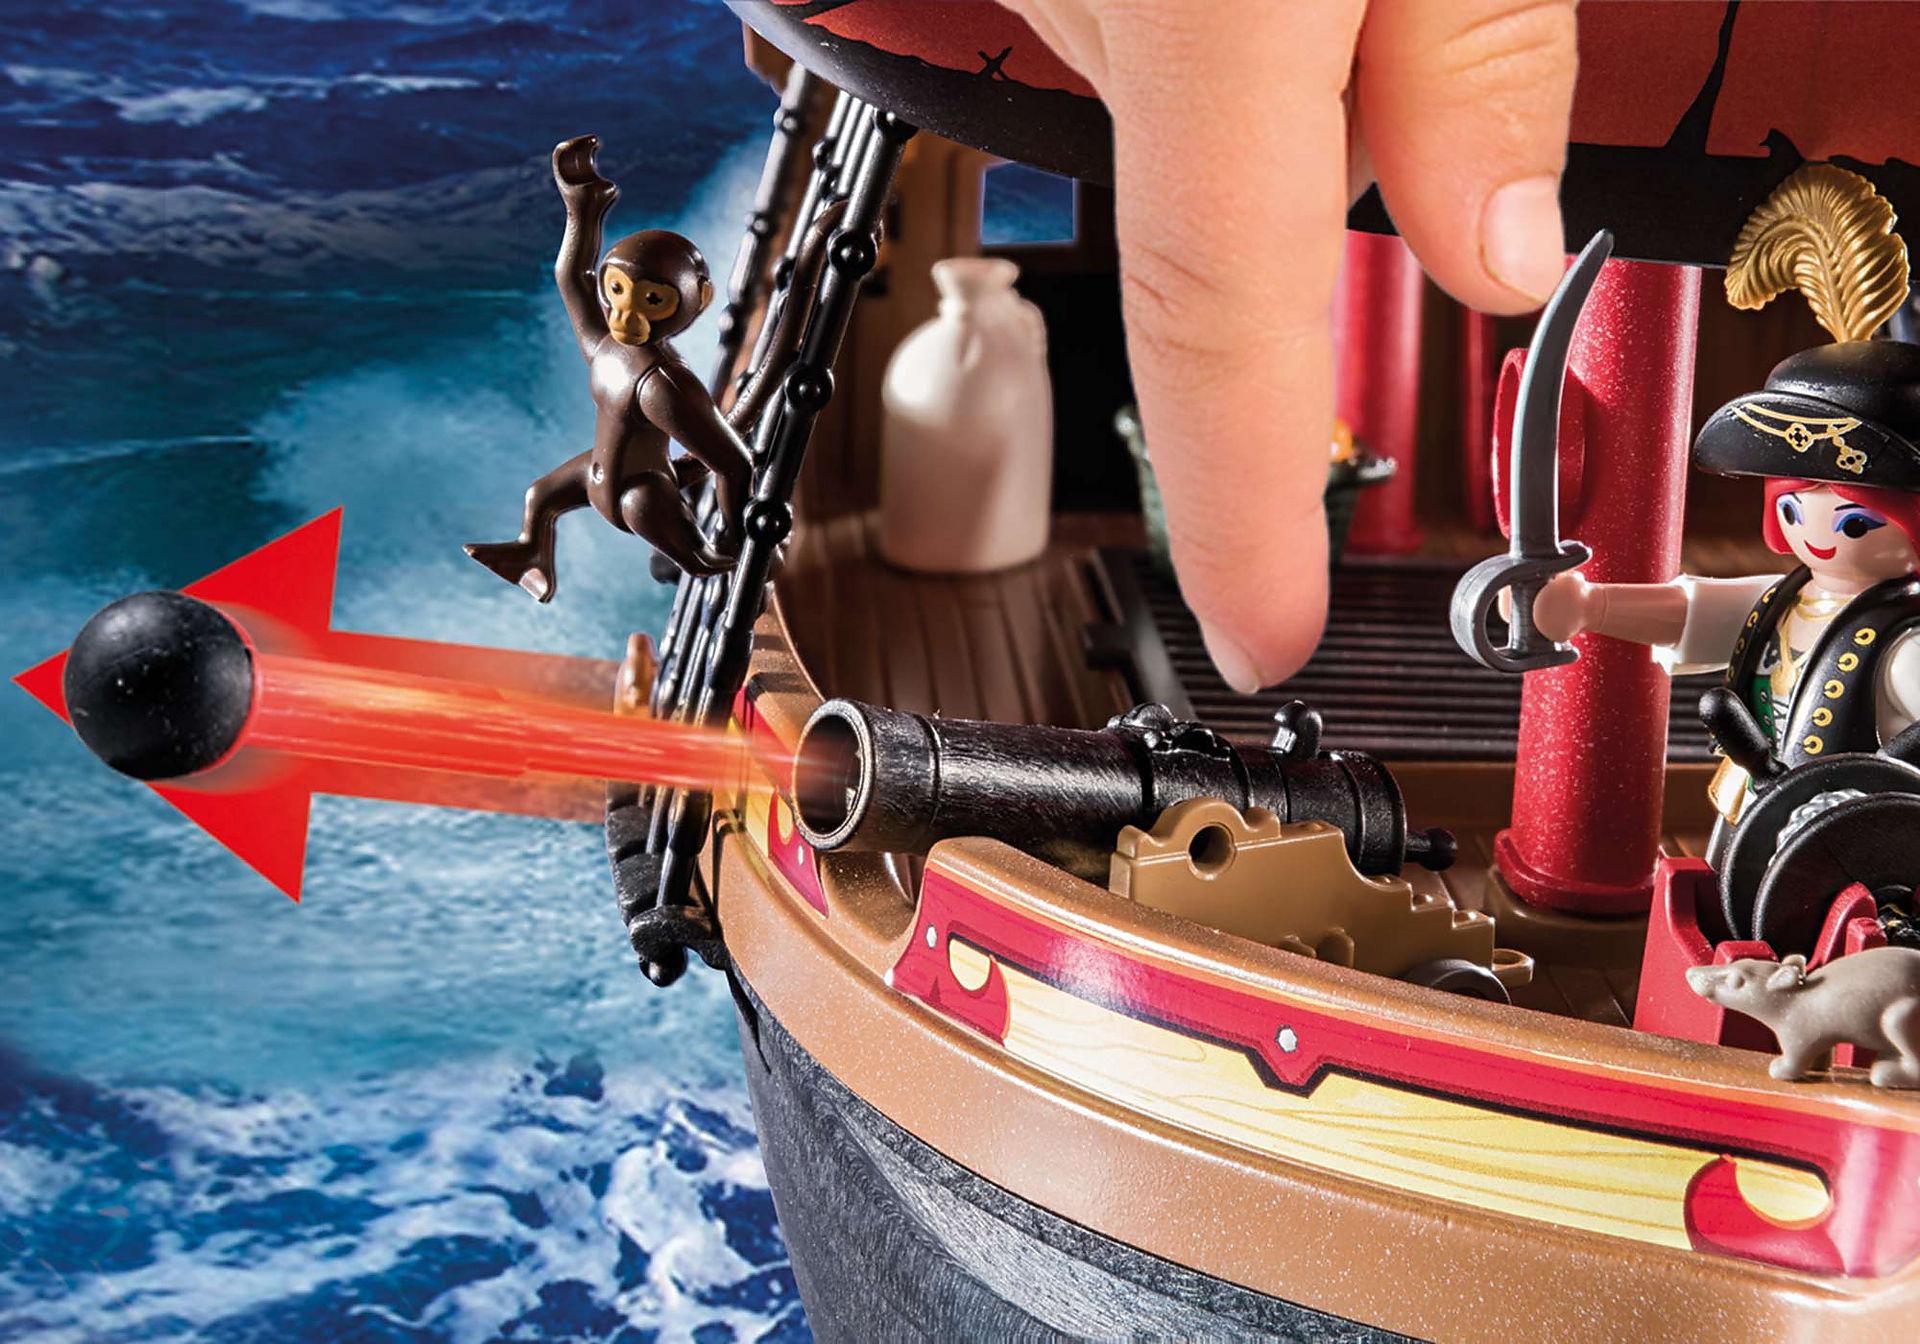 70411 Πειρατική ναυαρχίδα zoom image5